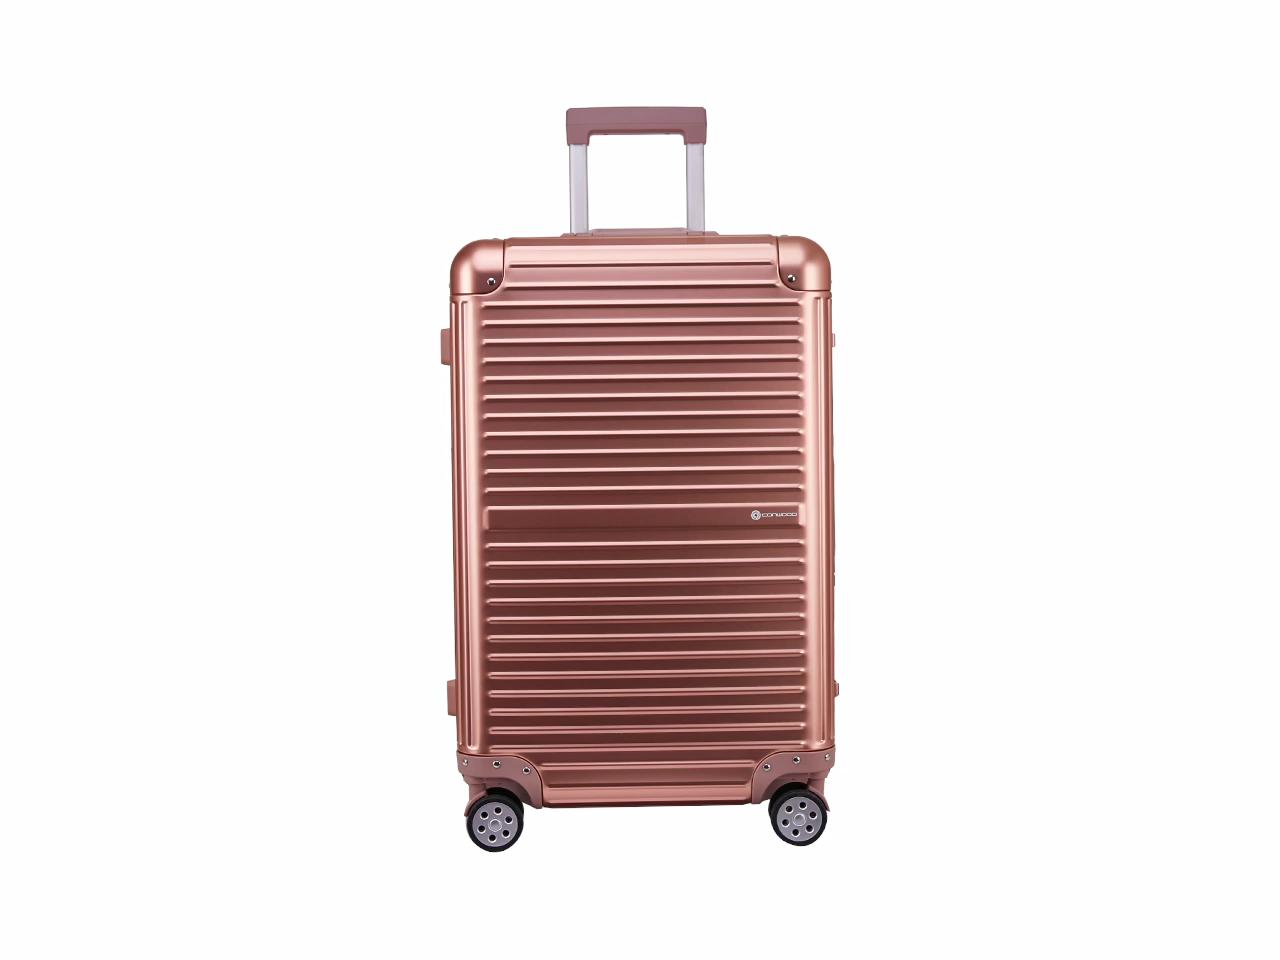 Aluminium hohe qualität trolley für einfache reise flugzeug gepäck mit teleskop griff